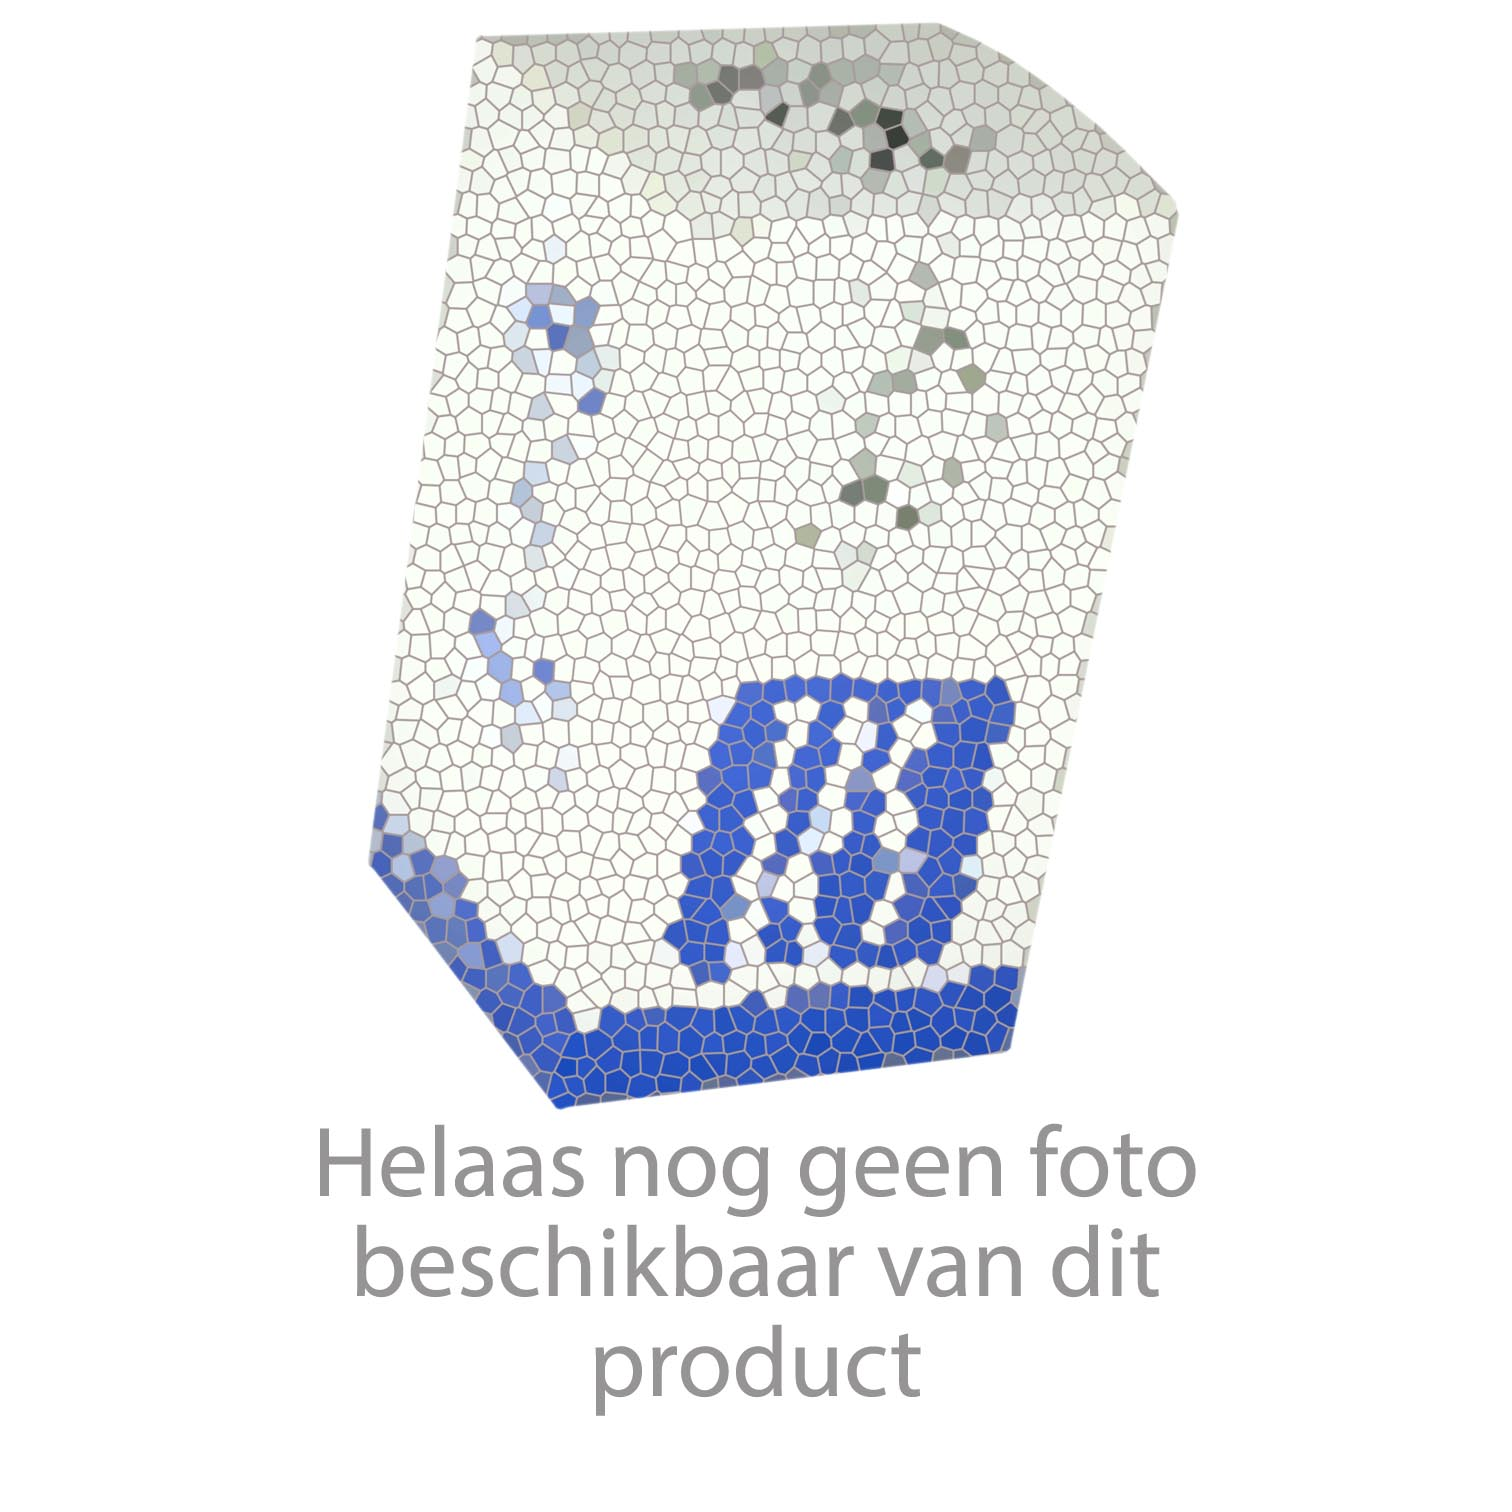 HansGrohe Afvoer- en overloopgarnituren Bekersifons productiejaar > 04/01 52120000 onderdelen